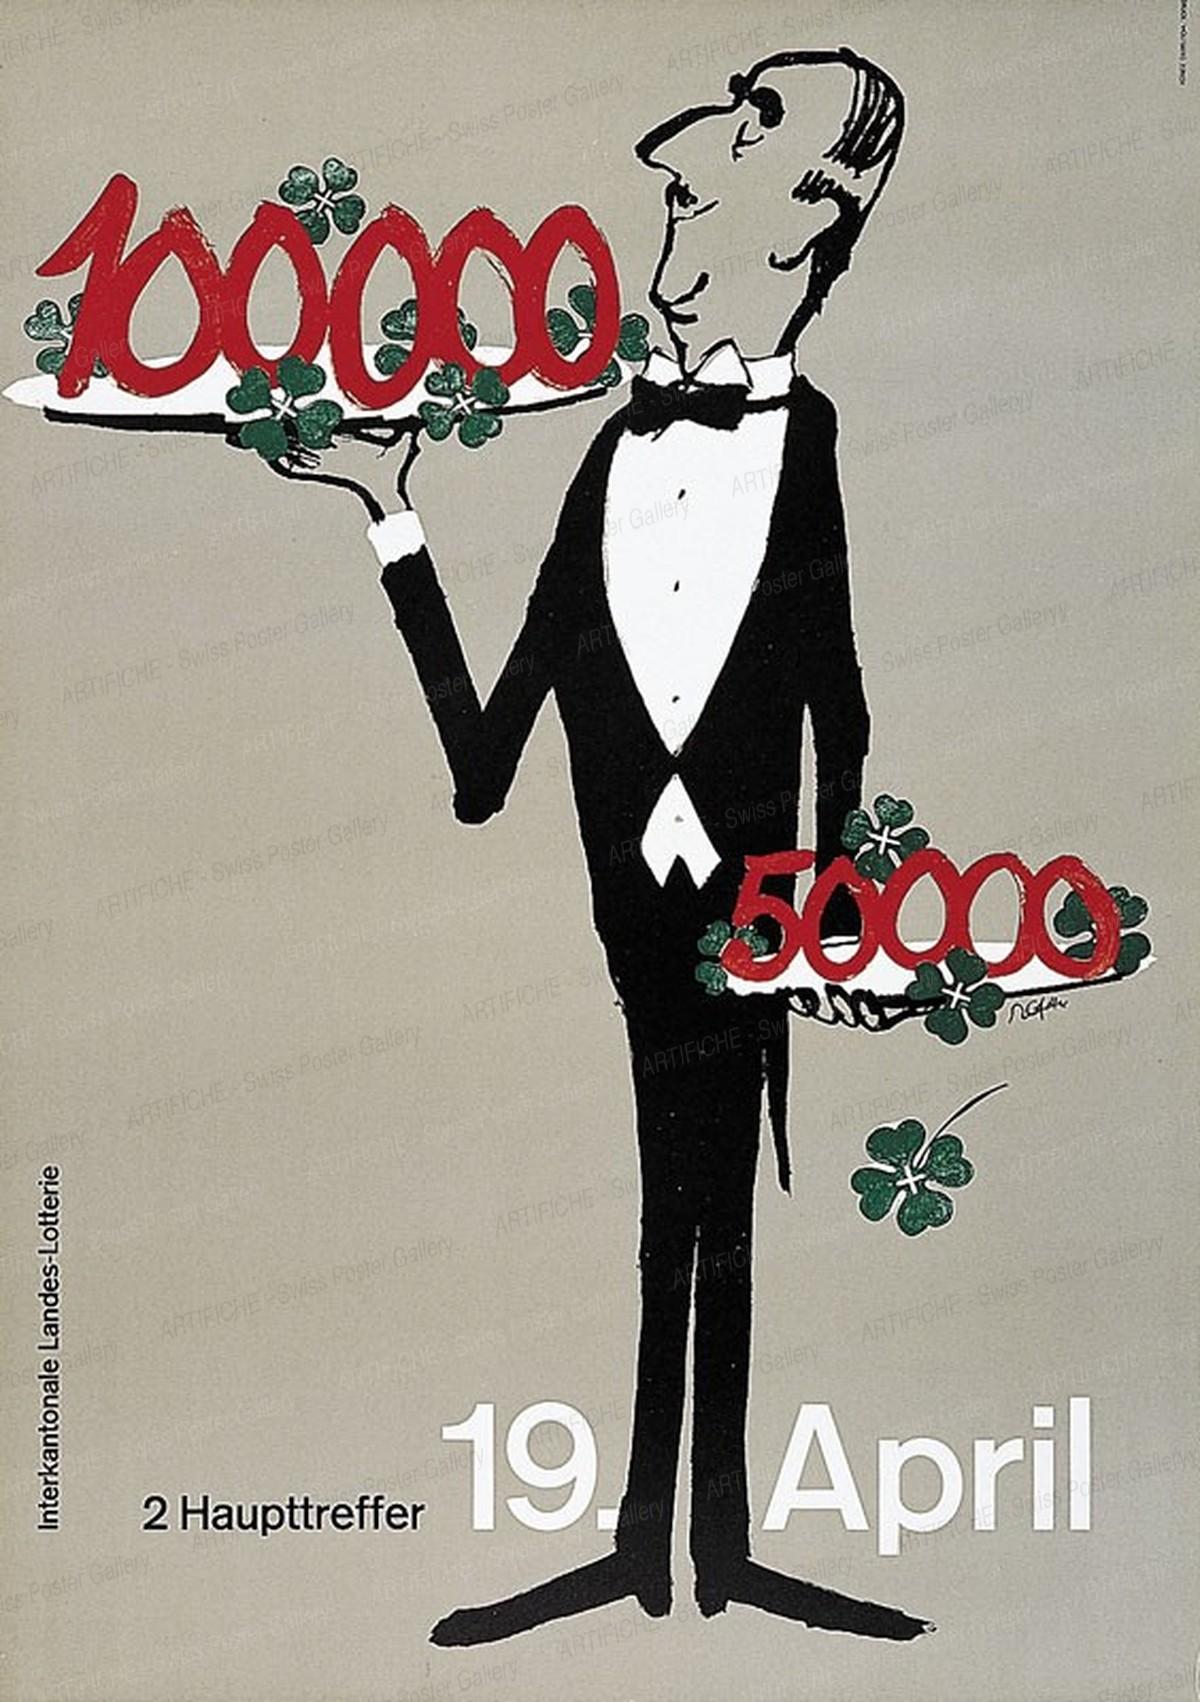 Landes Lotterie -2 Haupttreffer- 19. April, Rolf Gfeller